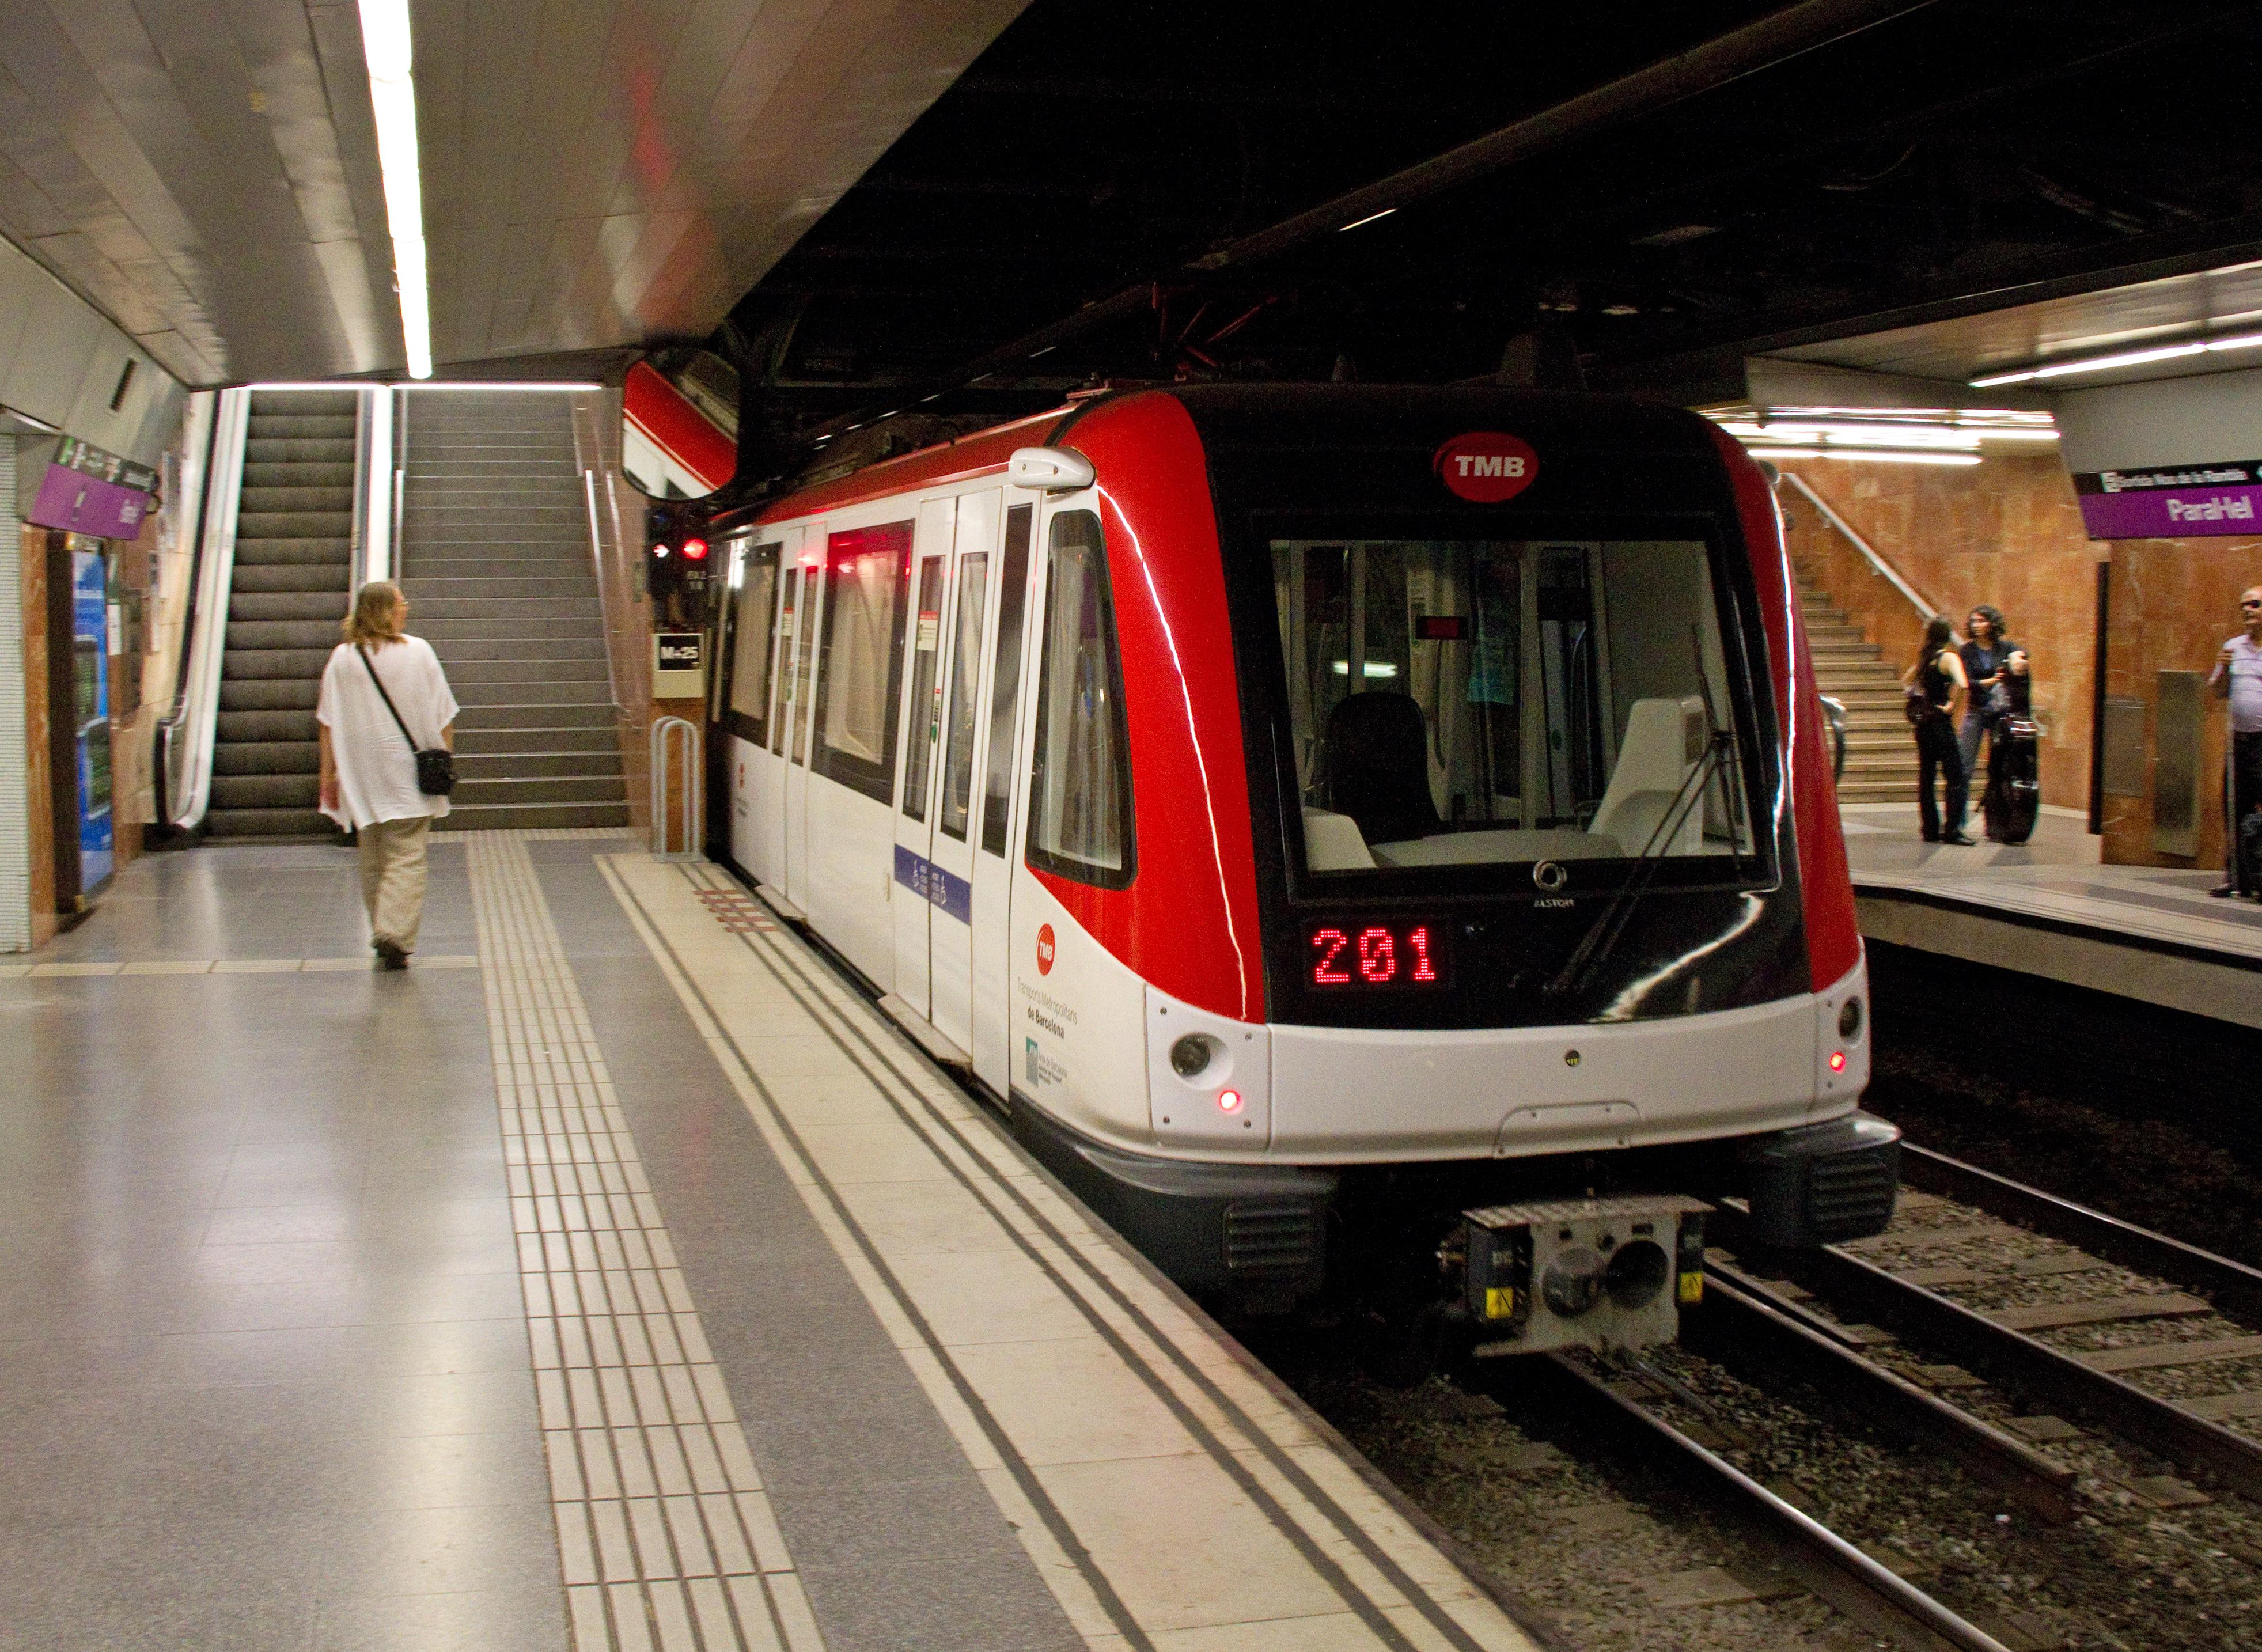 File:Barcelona Metro Paral-lel.jpg - Wikipedia